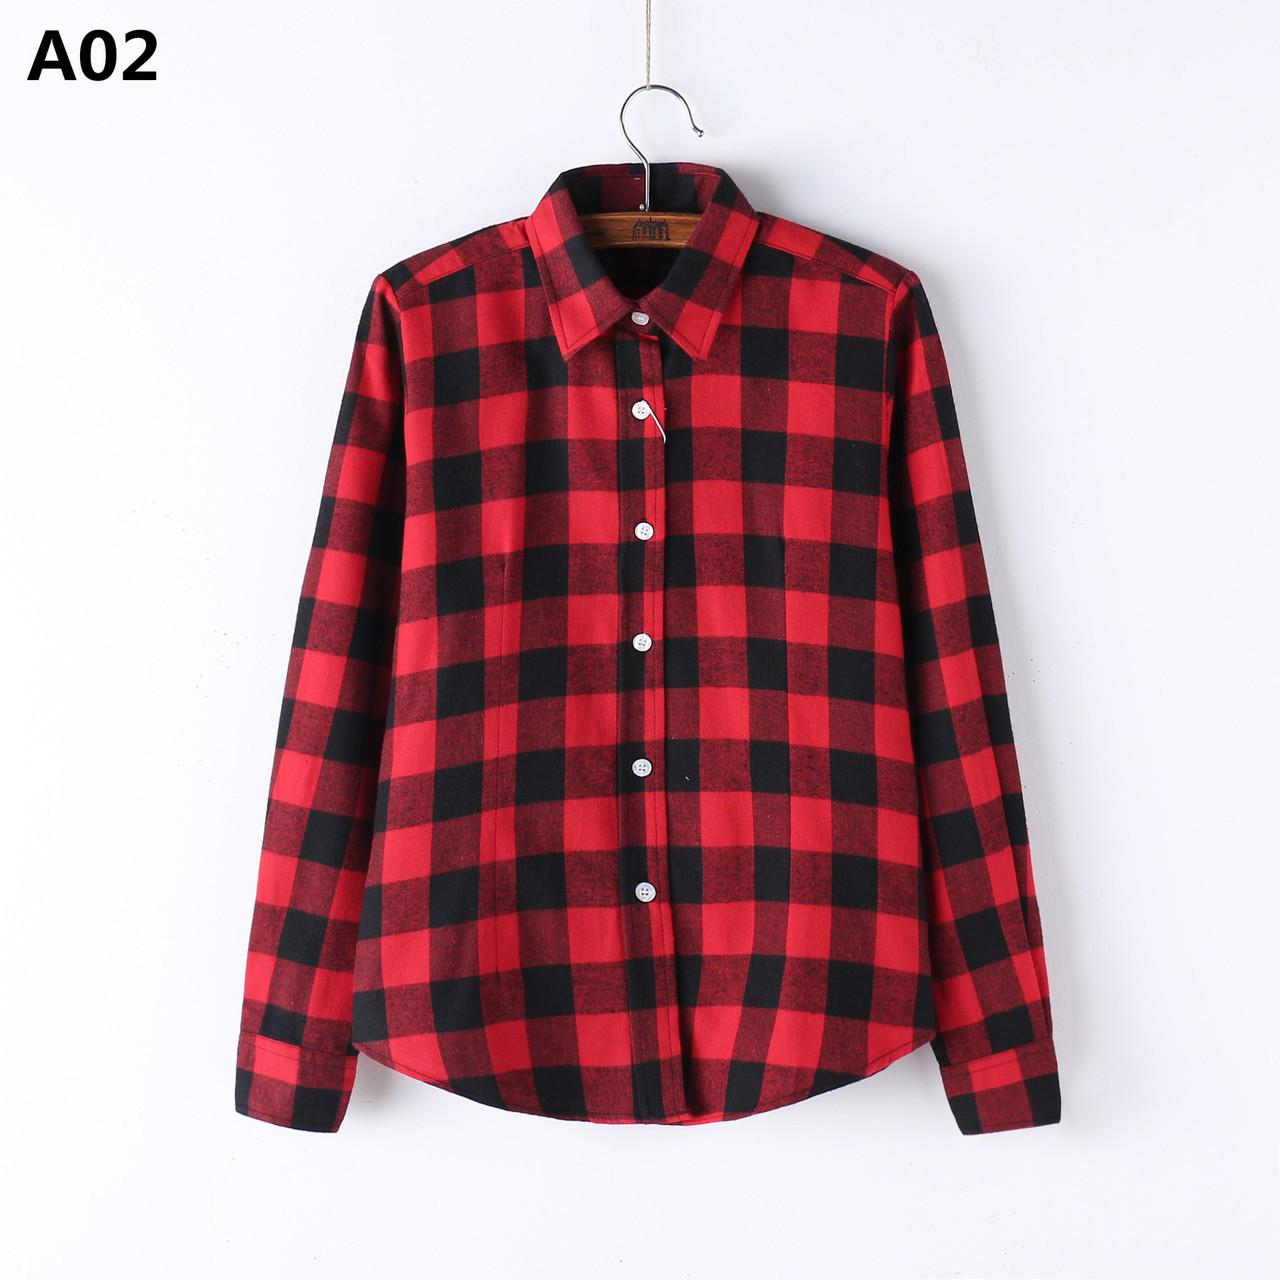 Купить Рубашка женская в клетку NNT 889 Рубашки женские клетка в ... 780d04f477027